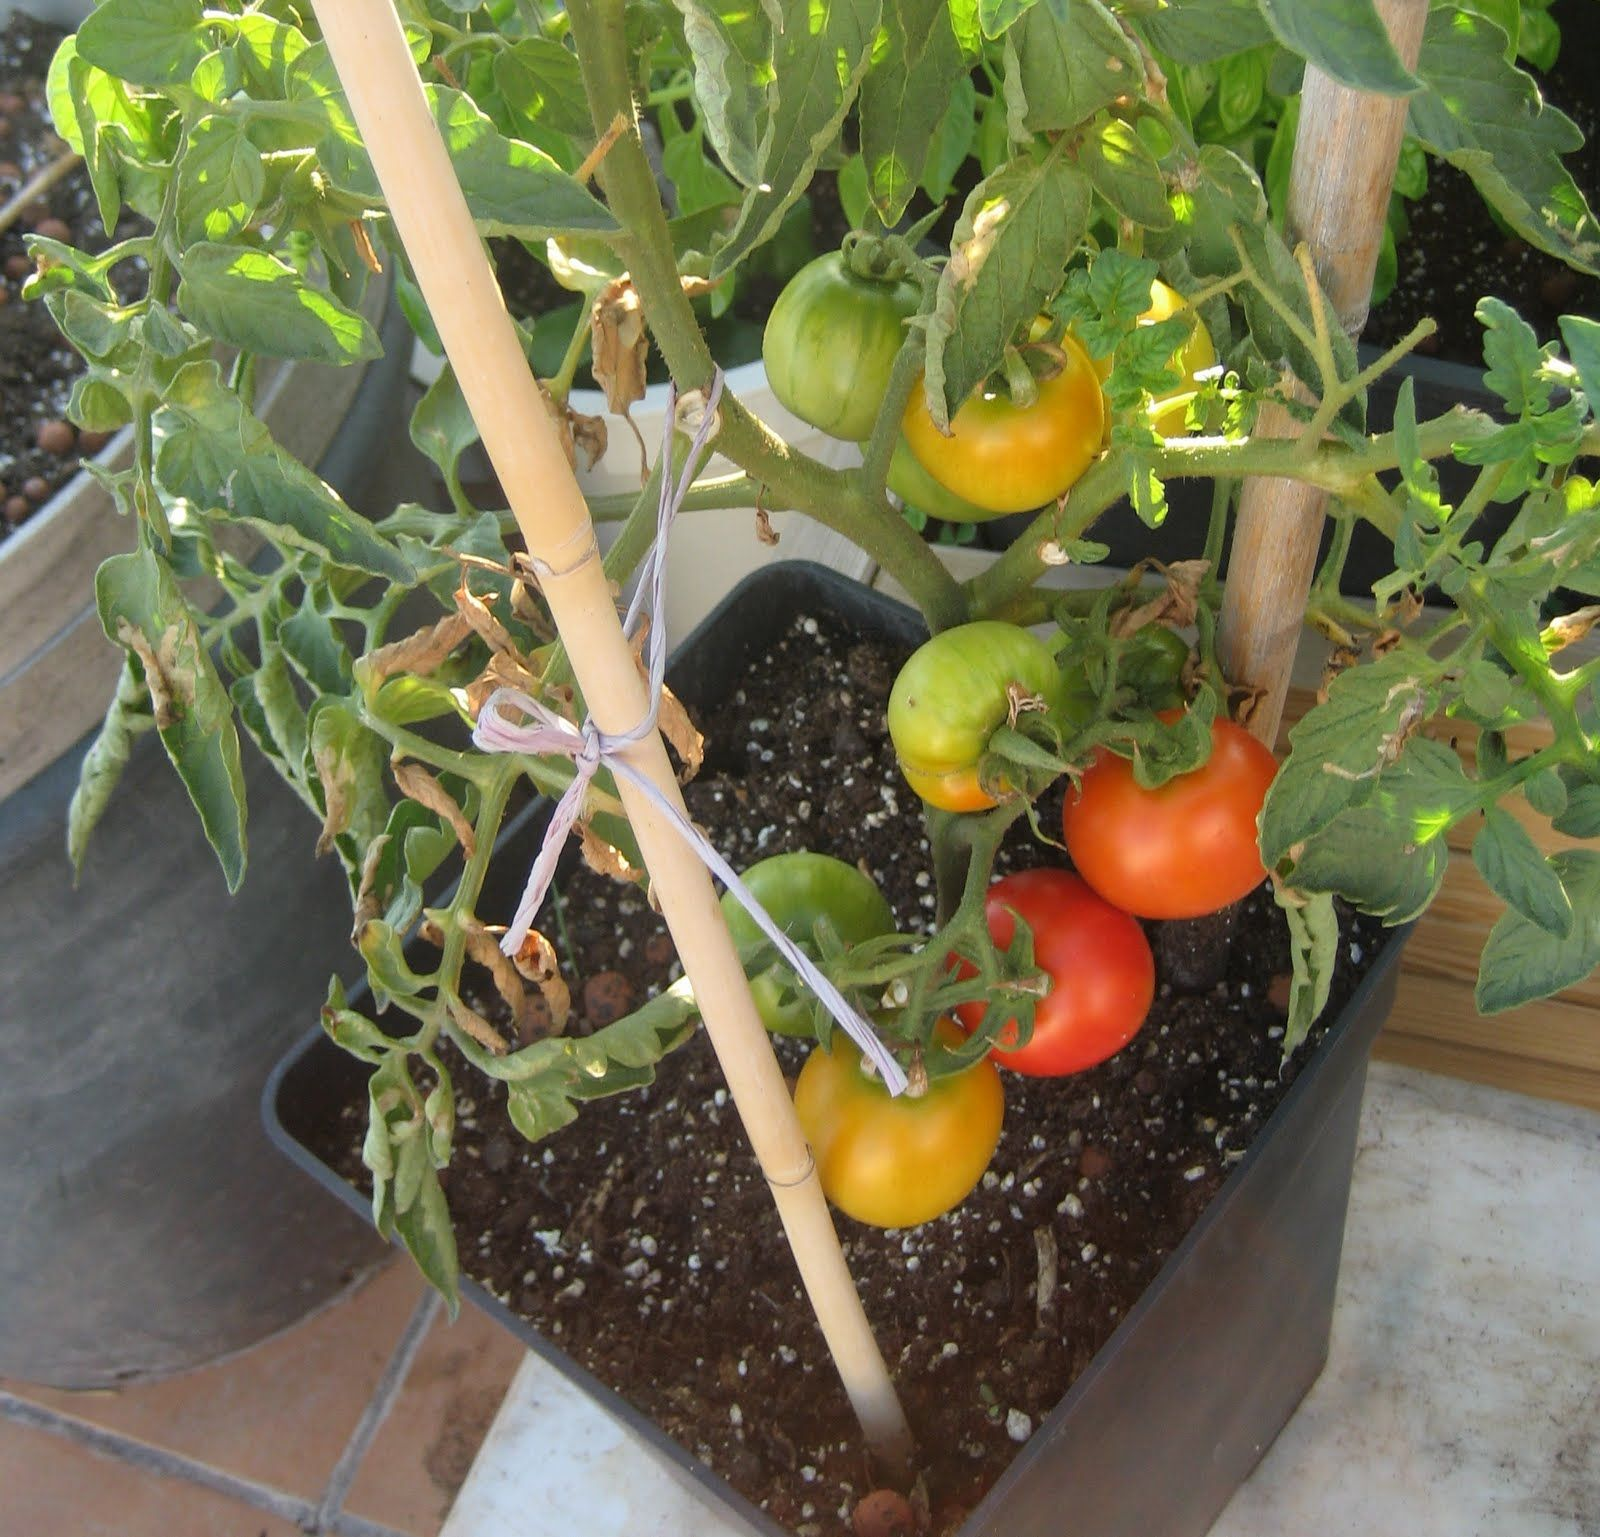 Blog Sobre Bricolaje Casero Ocio Humor Huerto Casero Y Todo  ~ Como Cultivar Tomates En El Huerto